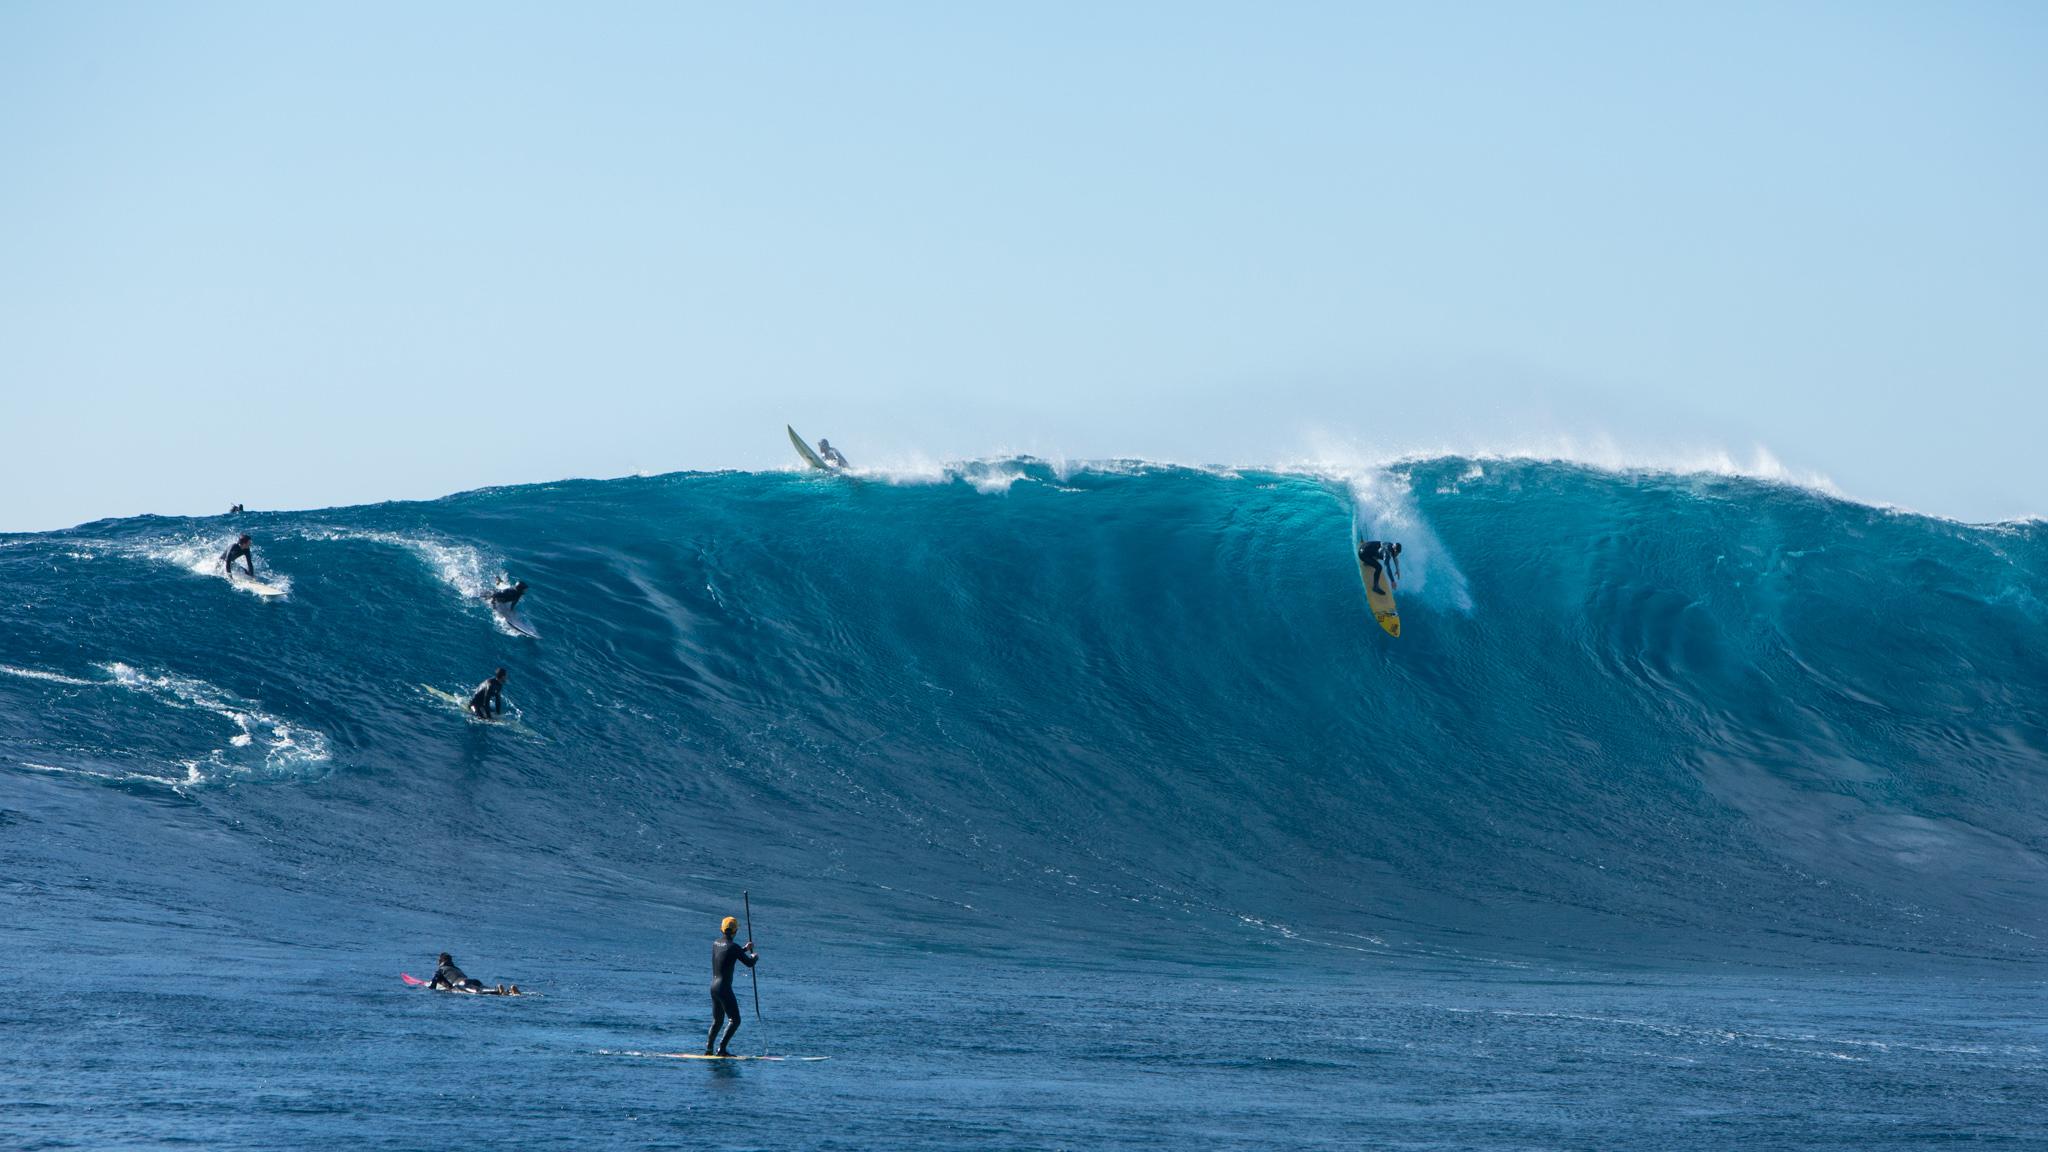 Pacific Ocean Unloads